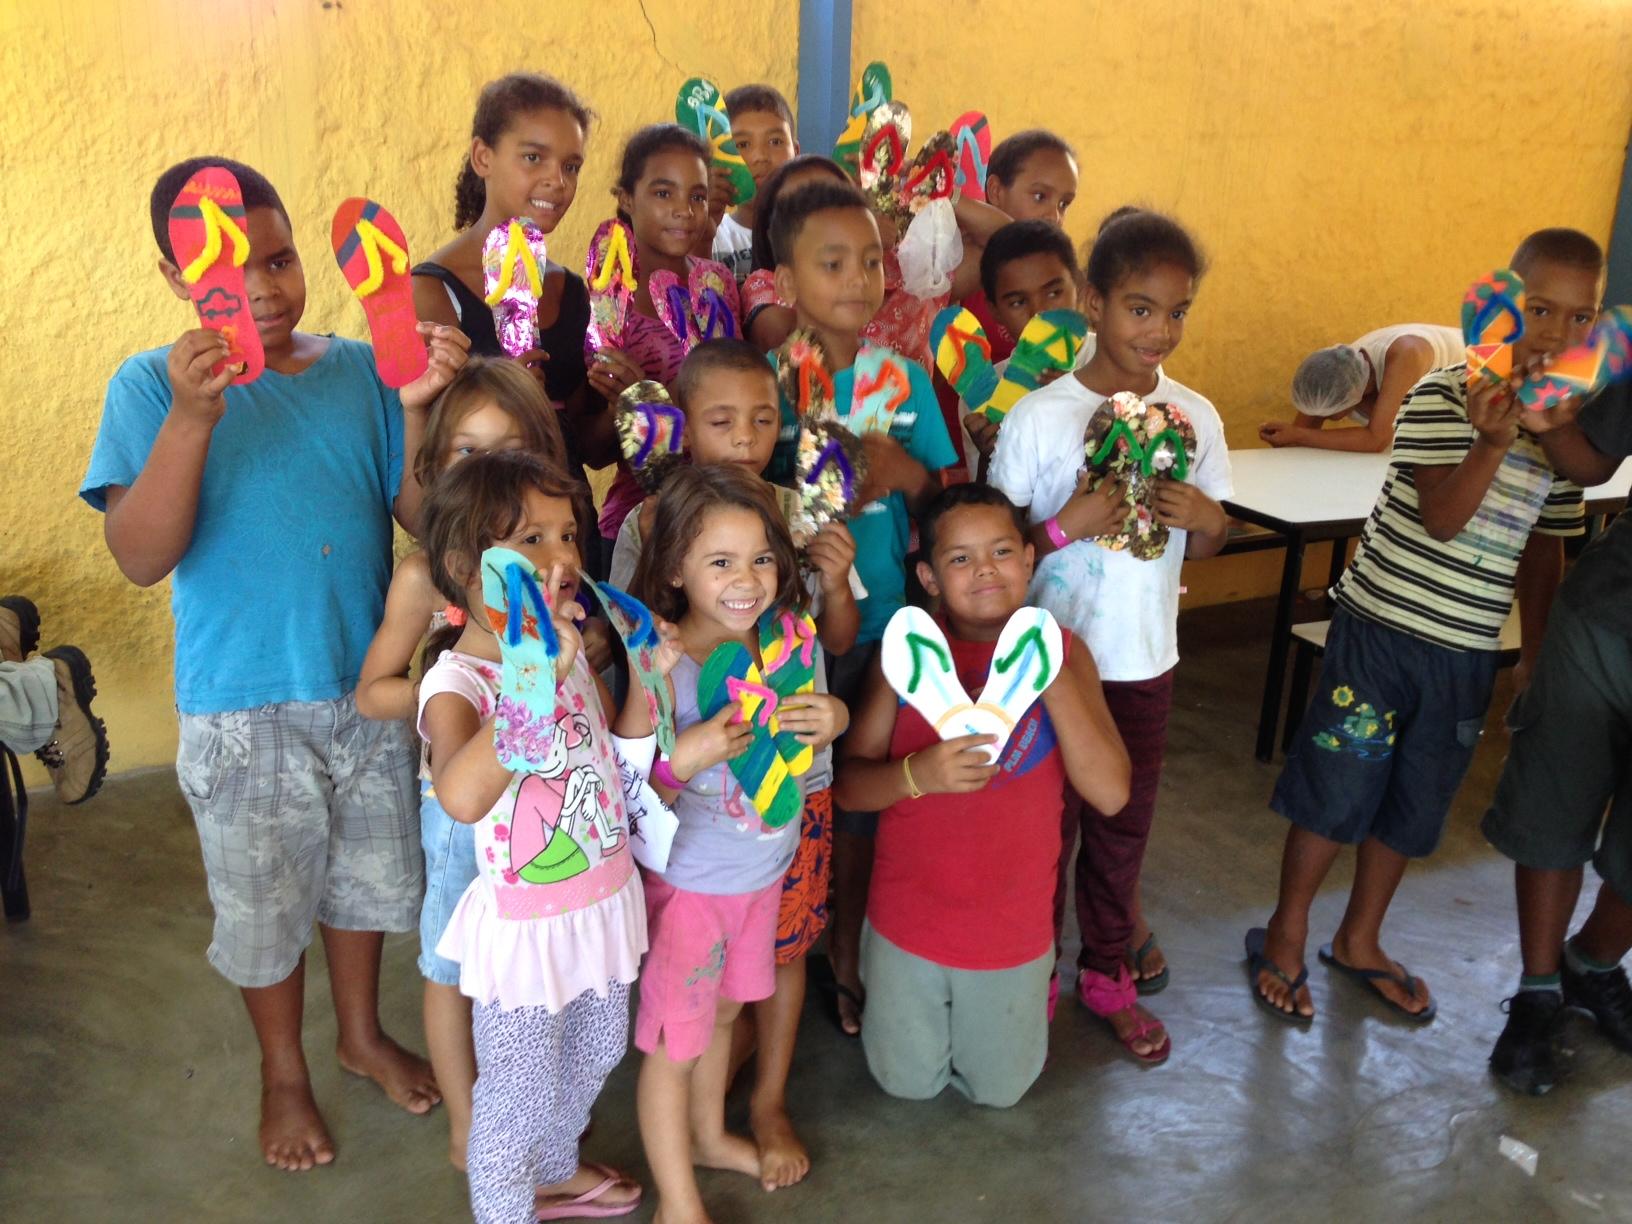 Crianças com o resultado do seu trabalho de pintura e colagem.